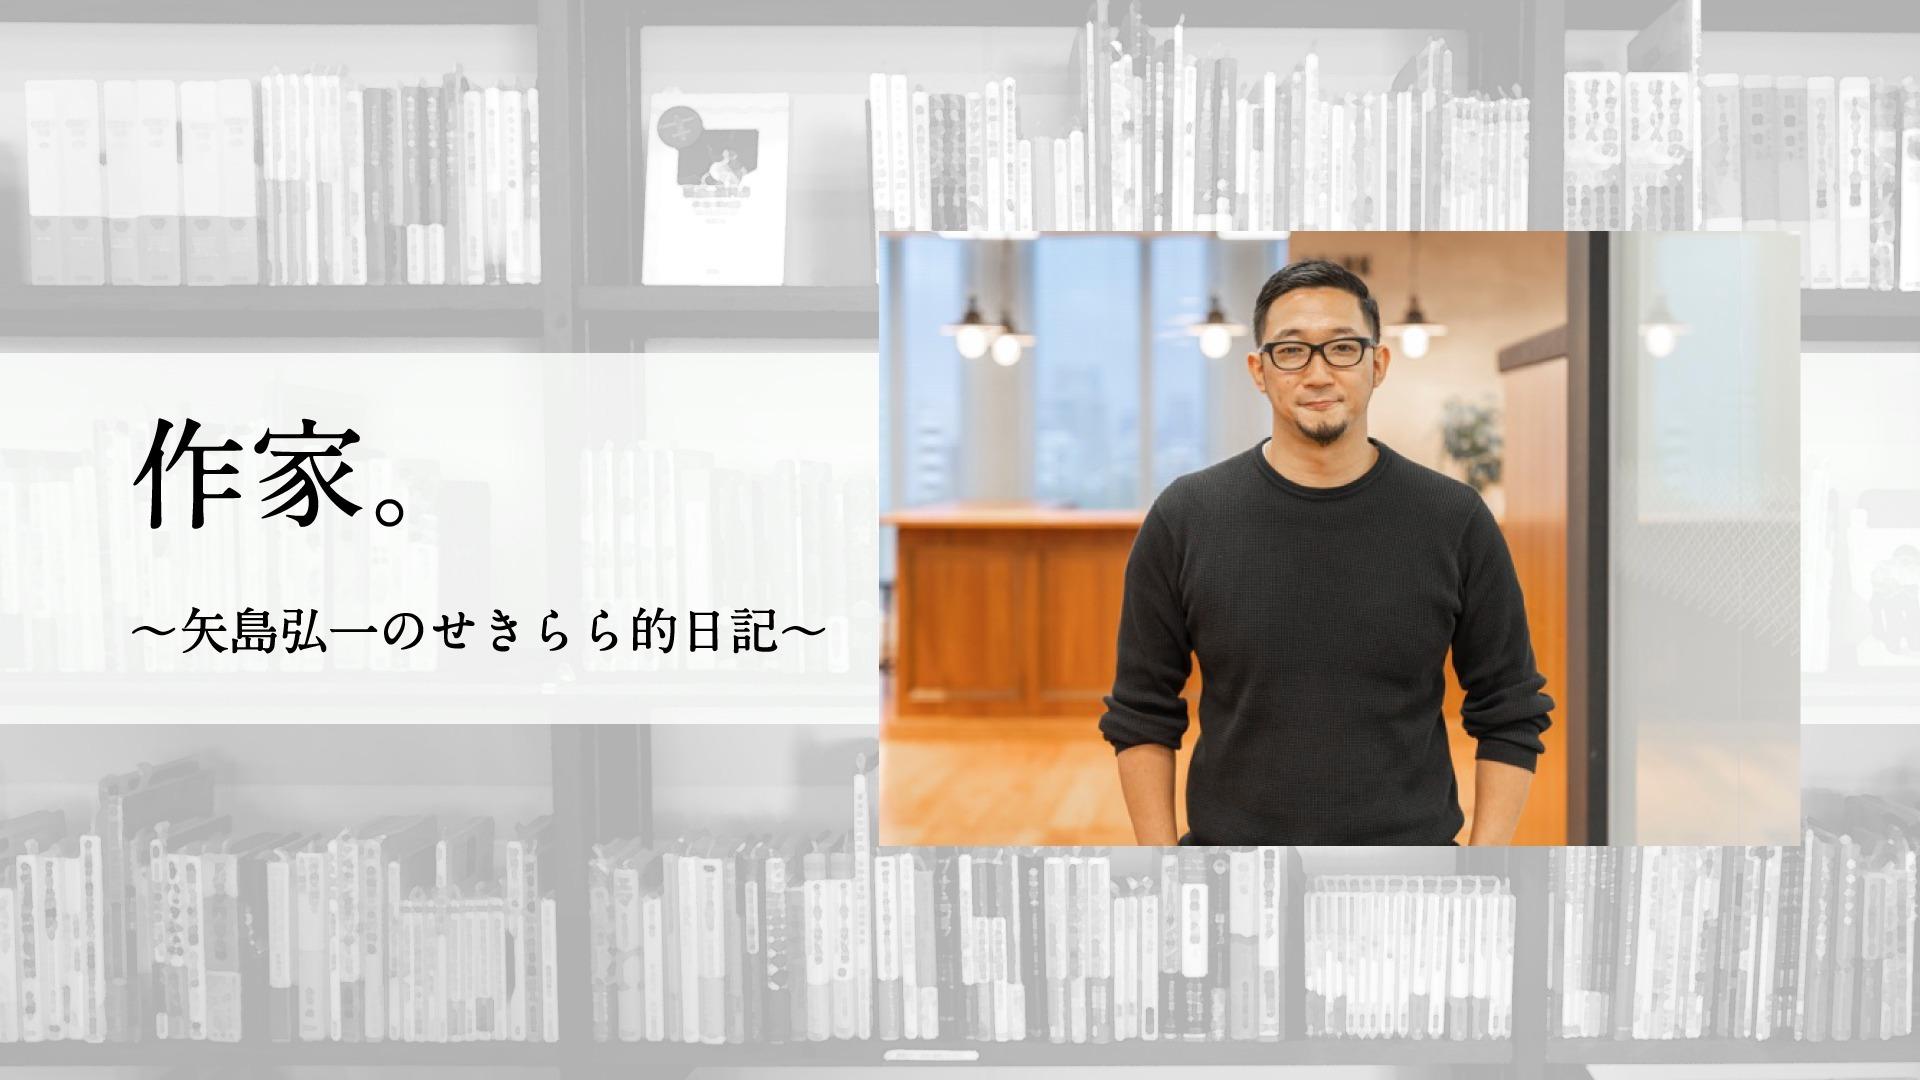 作家。 〜矢島弘一のせきらら的日記〜